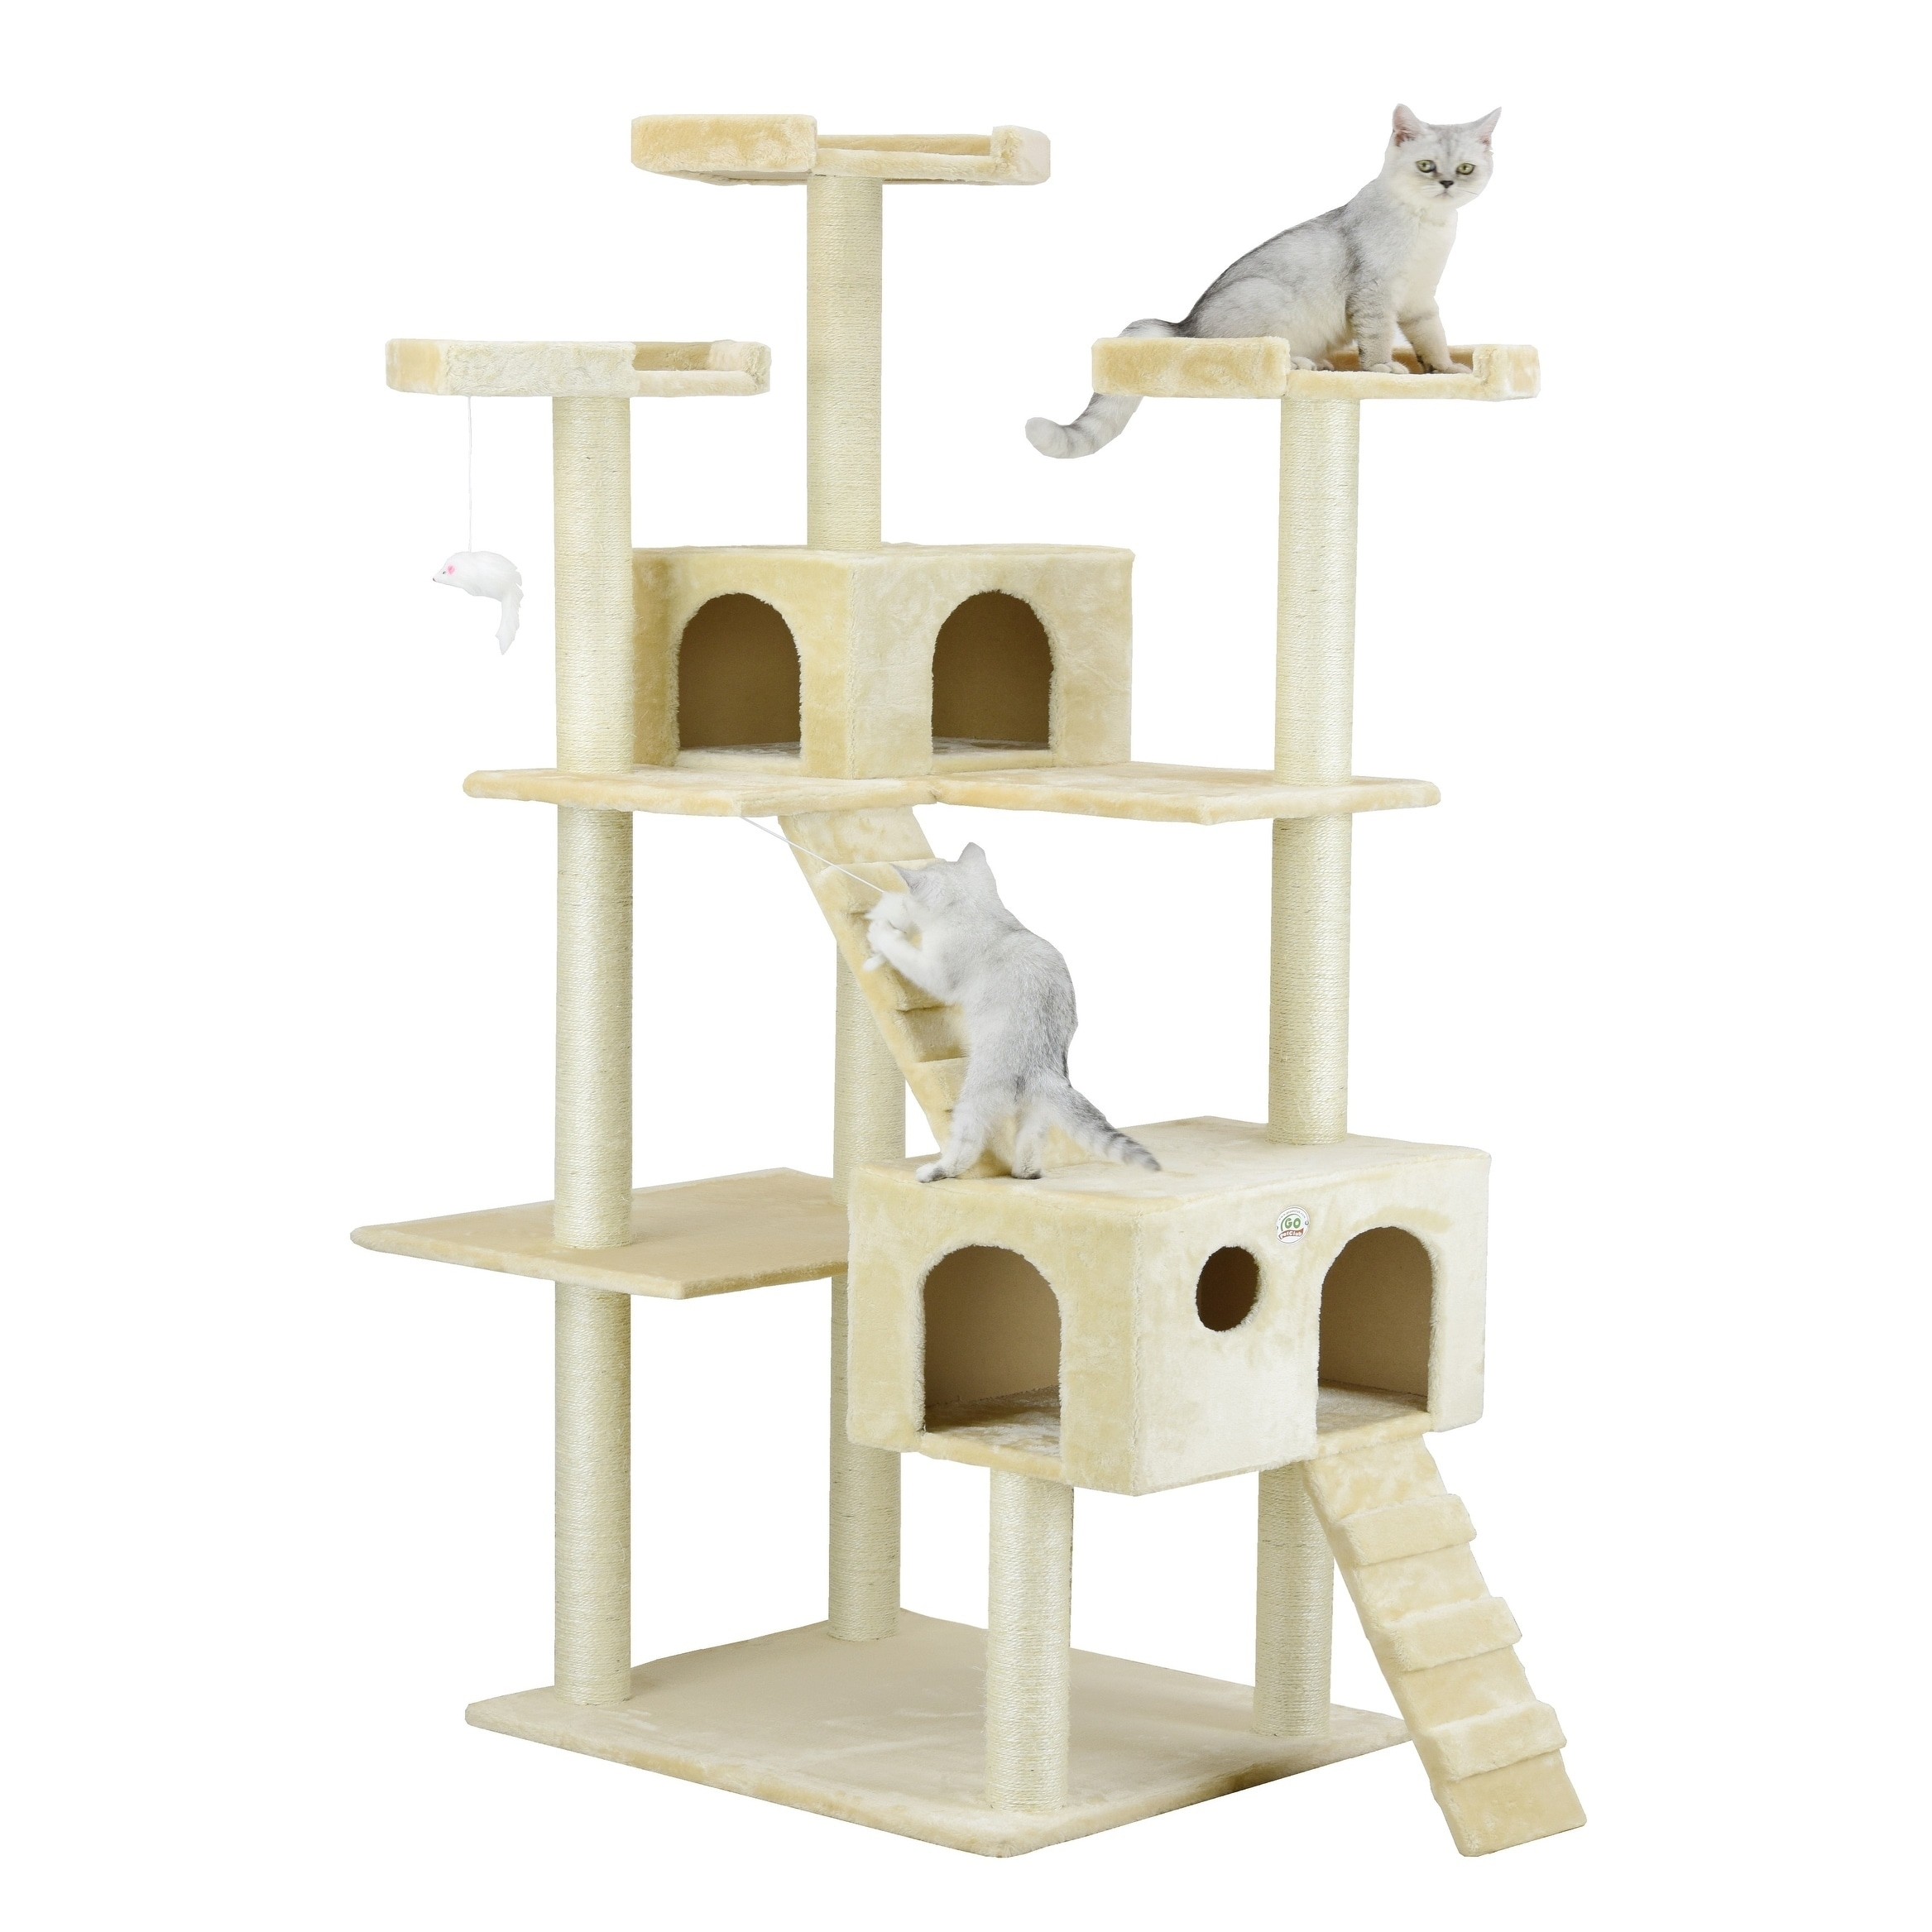 GoPetClub Jungle Gym Cat Tree Condo and Perch Pet Furnitu...